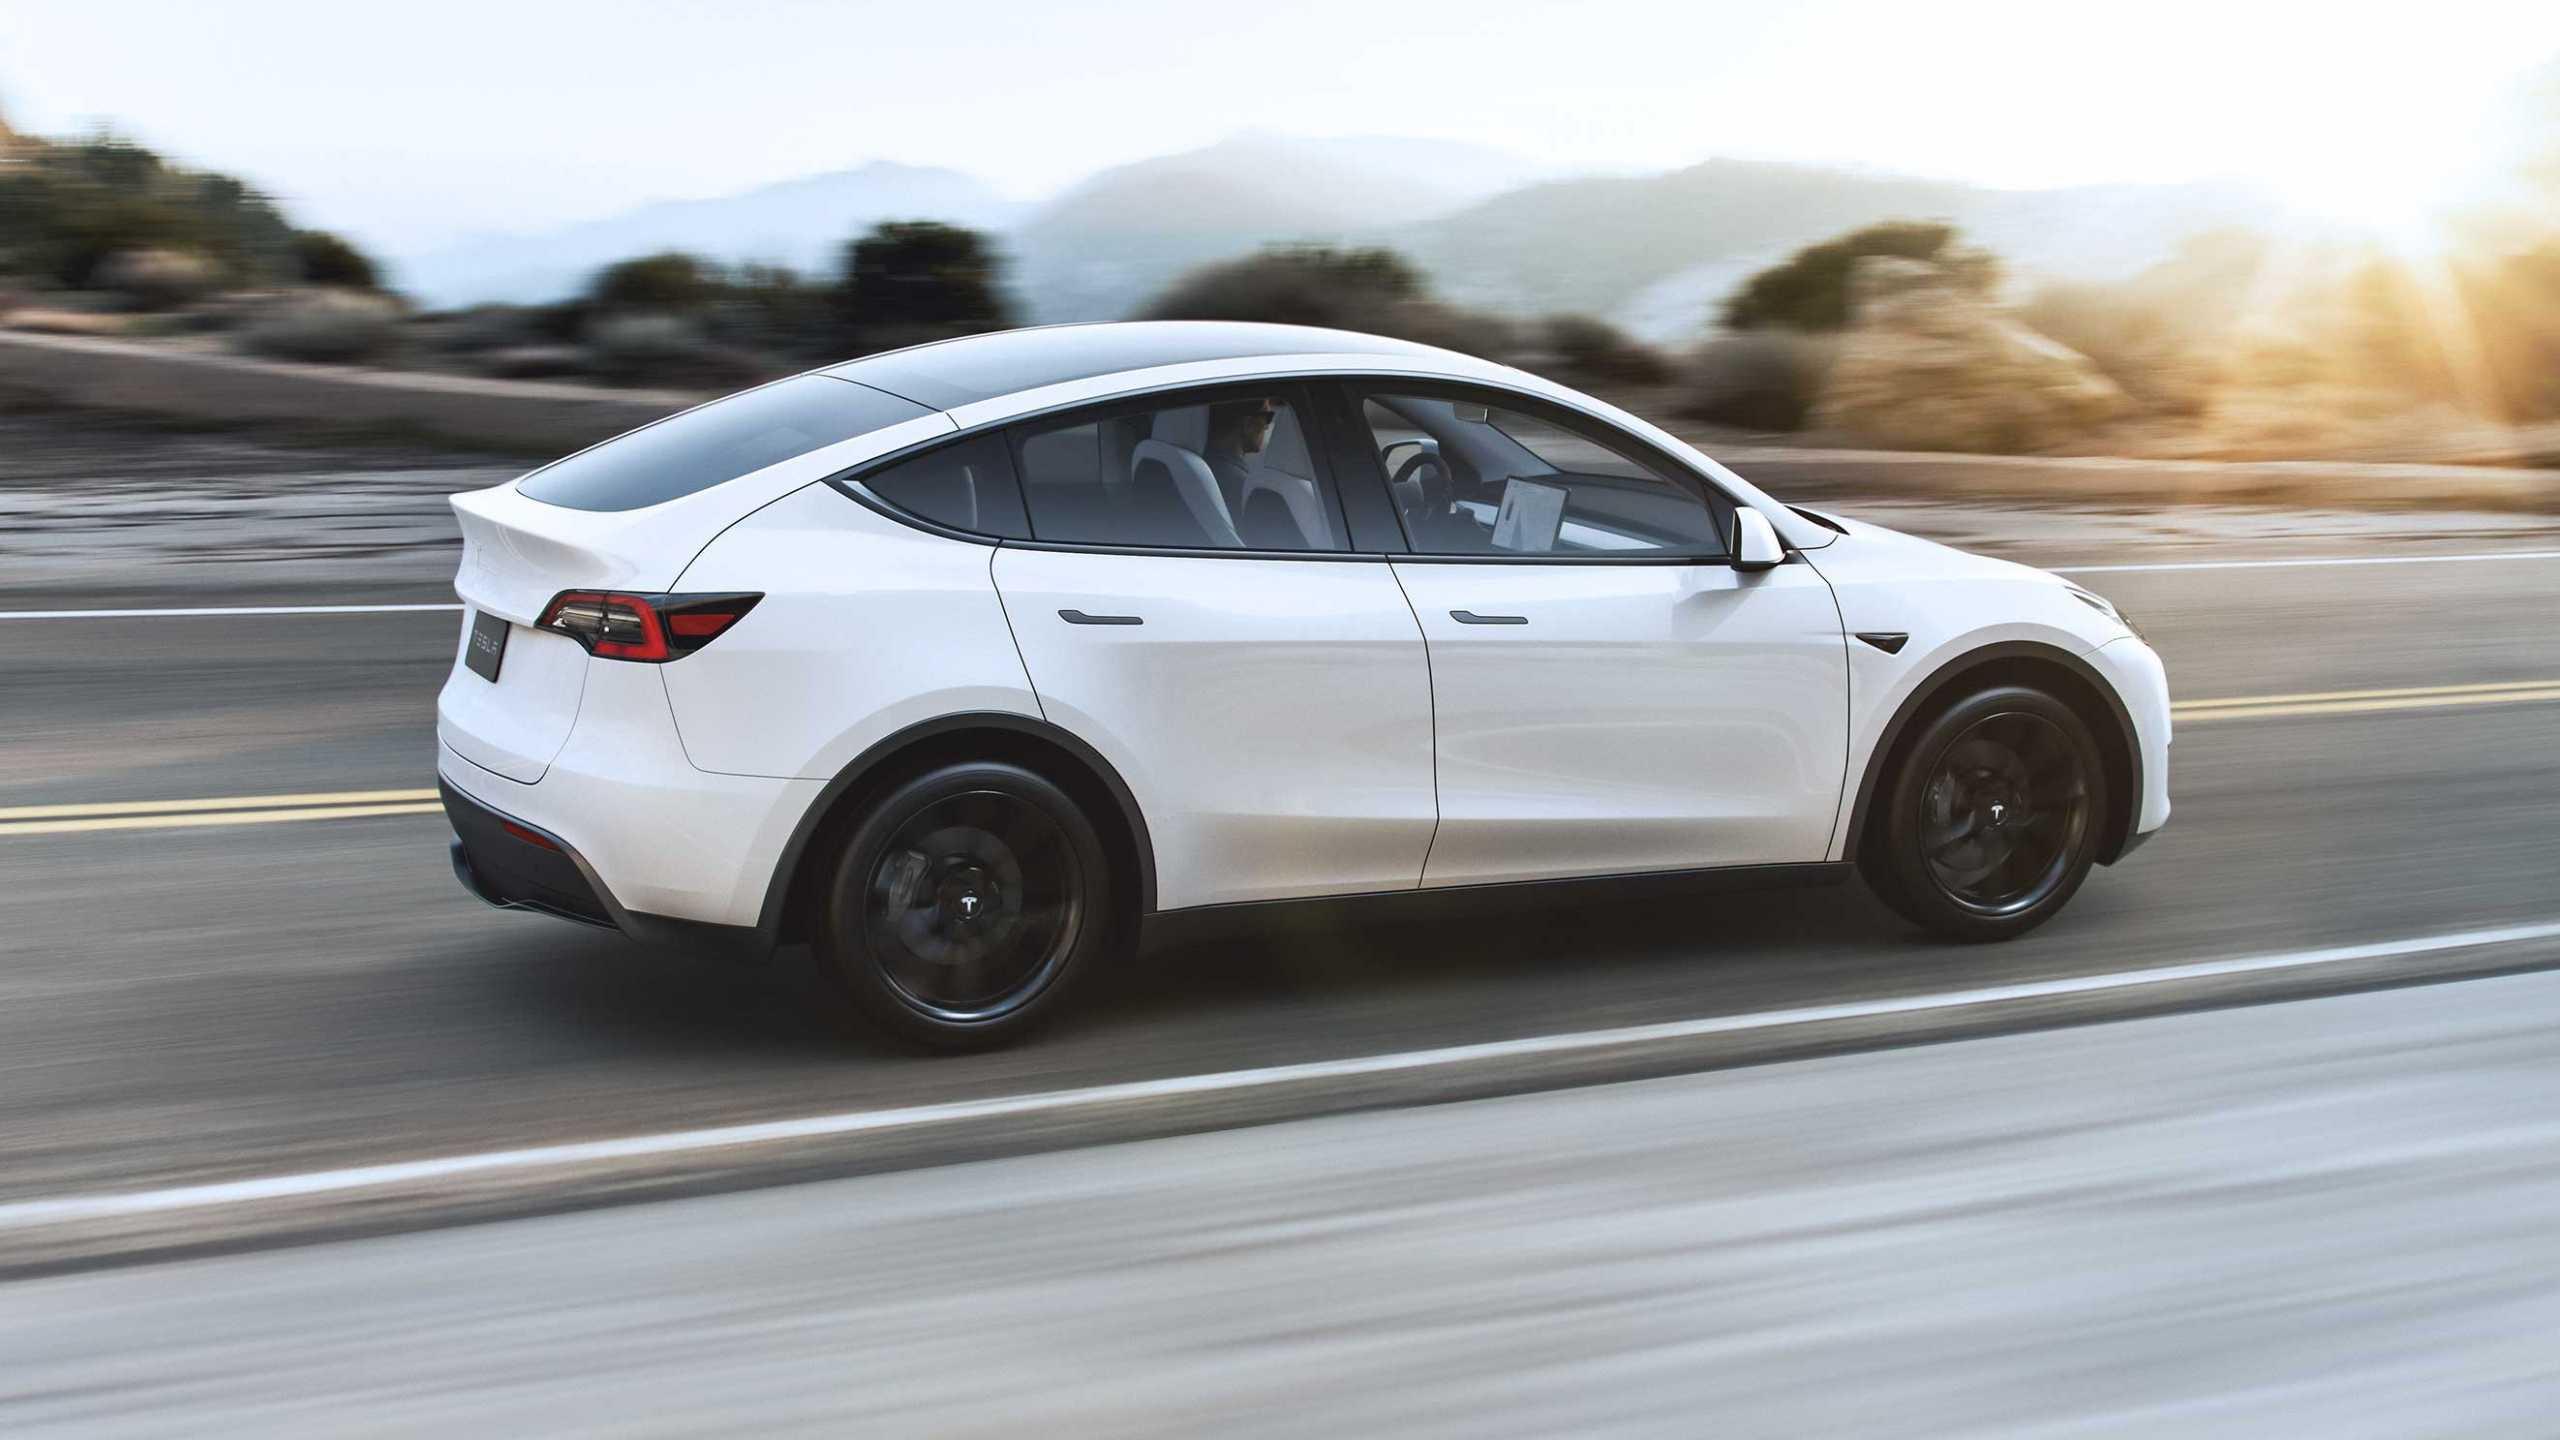 Τι προβλήματα αξιοπιστίας μπορεί να έχει ένα ηλεκτρικό αυτοκίνητο;